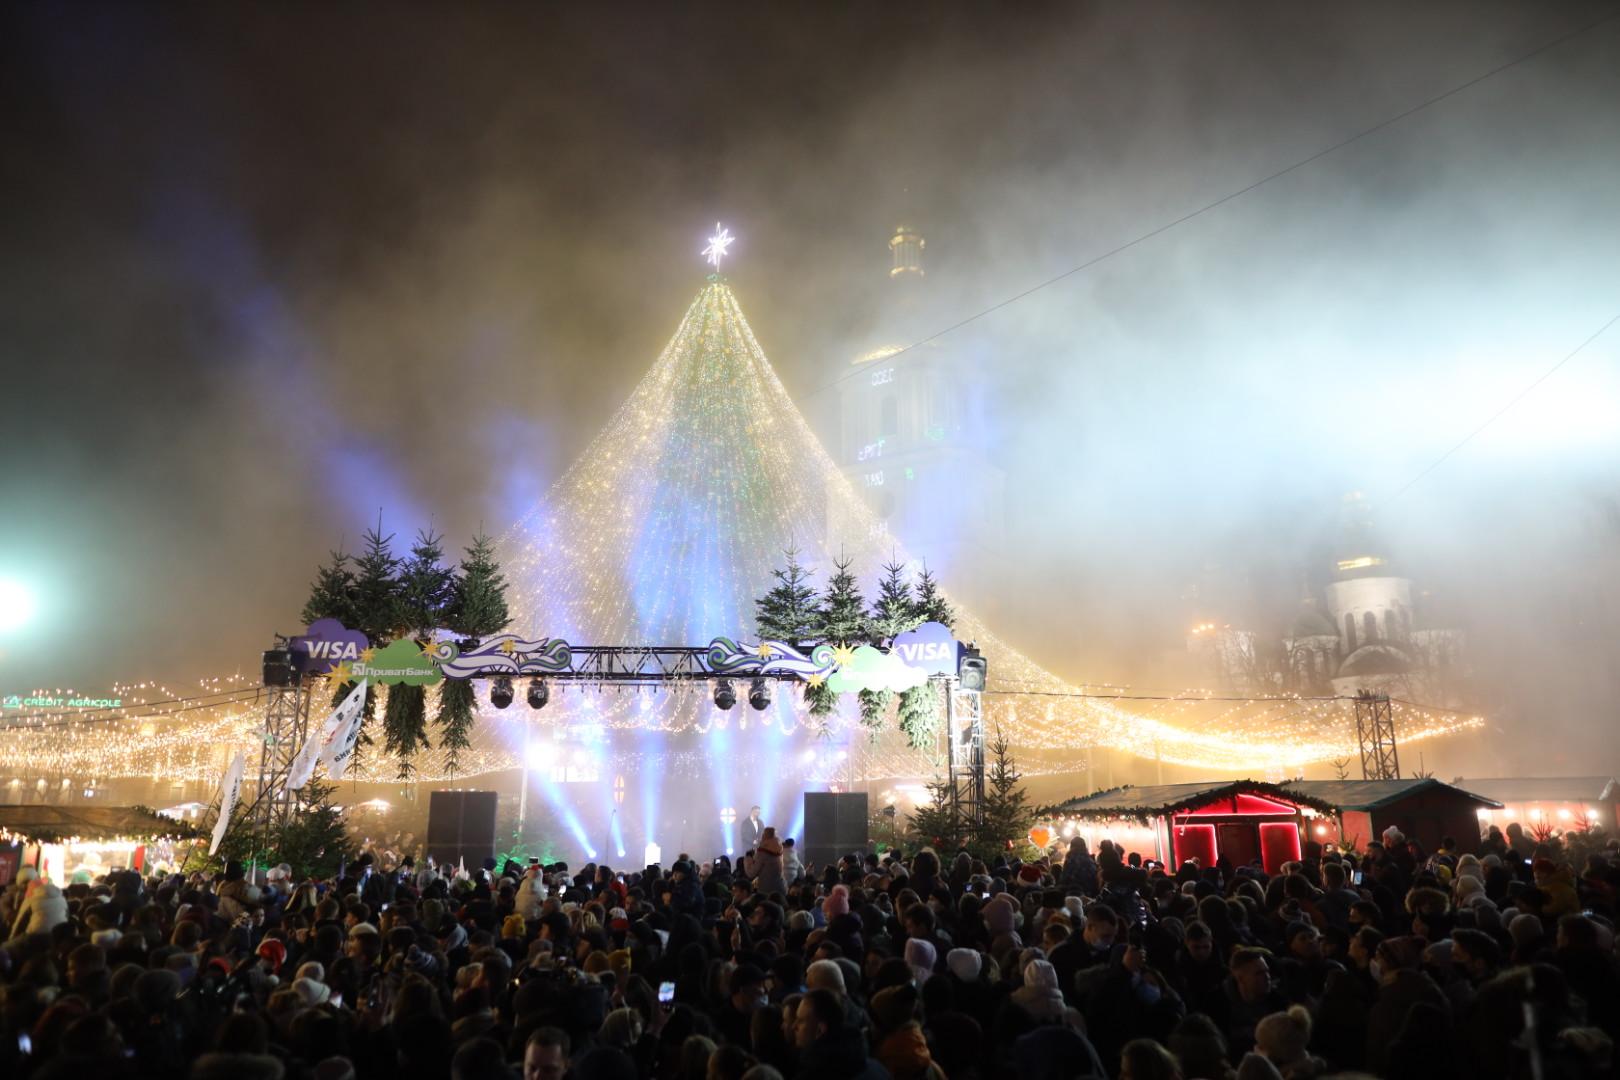 В Киеве зажгли главную елку страны: загорелась гирлянда и начался пожар